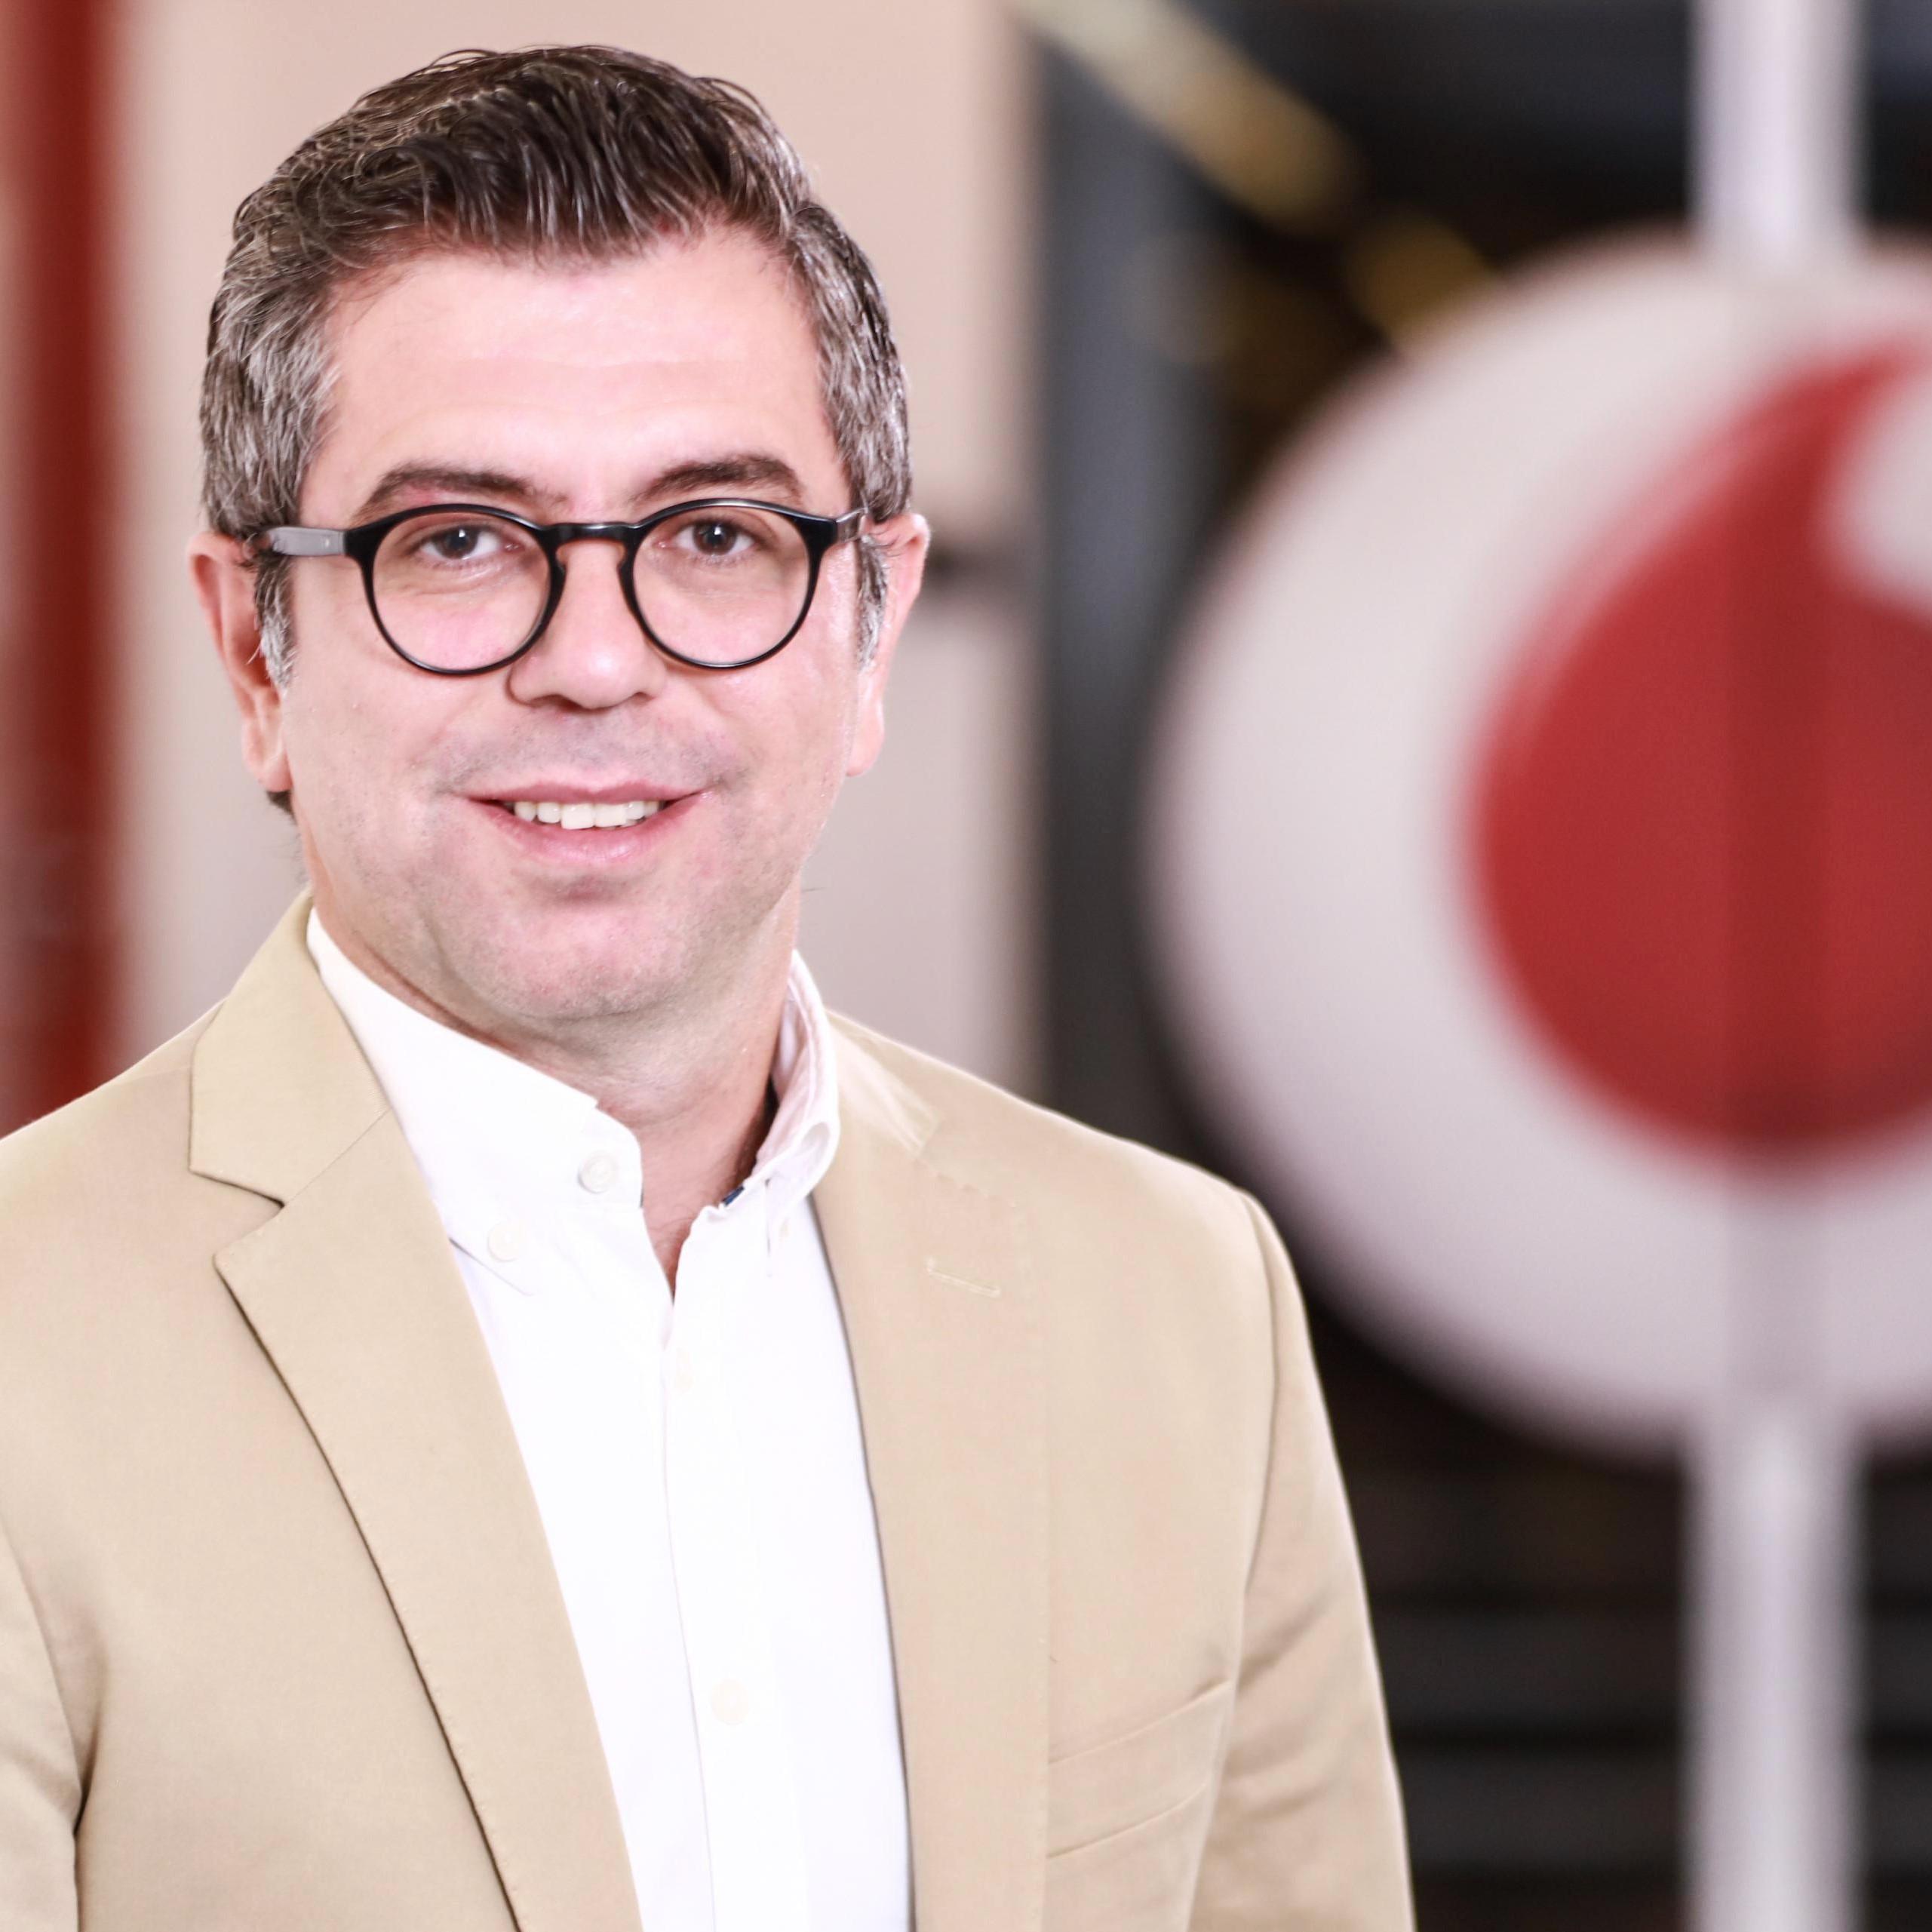 Vodafone Romania îl numește pe Nedim Baytorun Consumer Business Unit Director începând cu 1 iulie